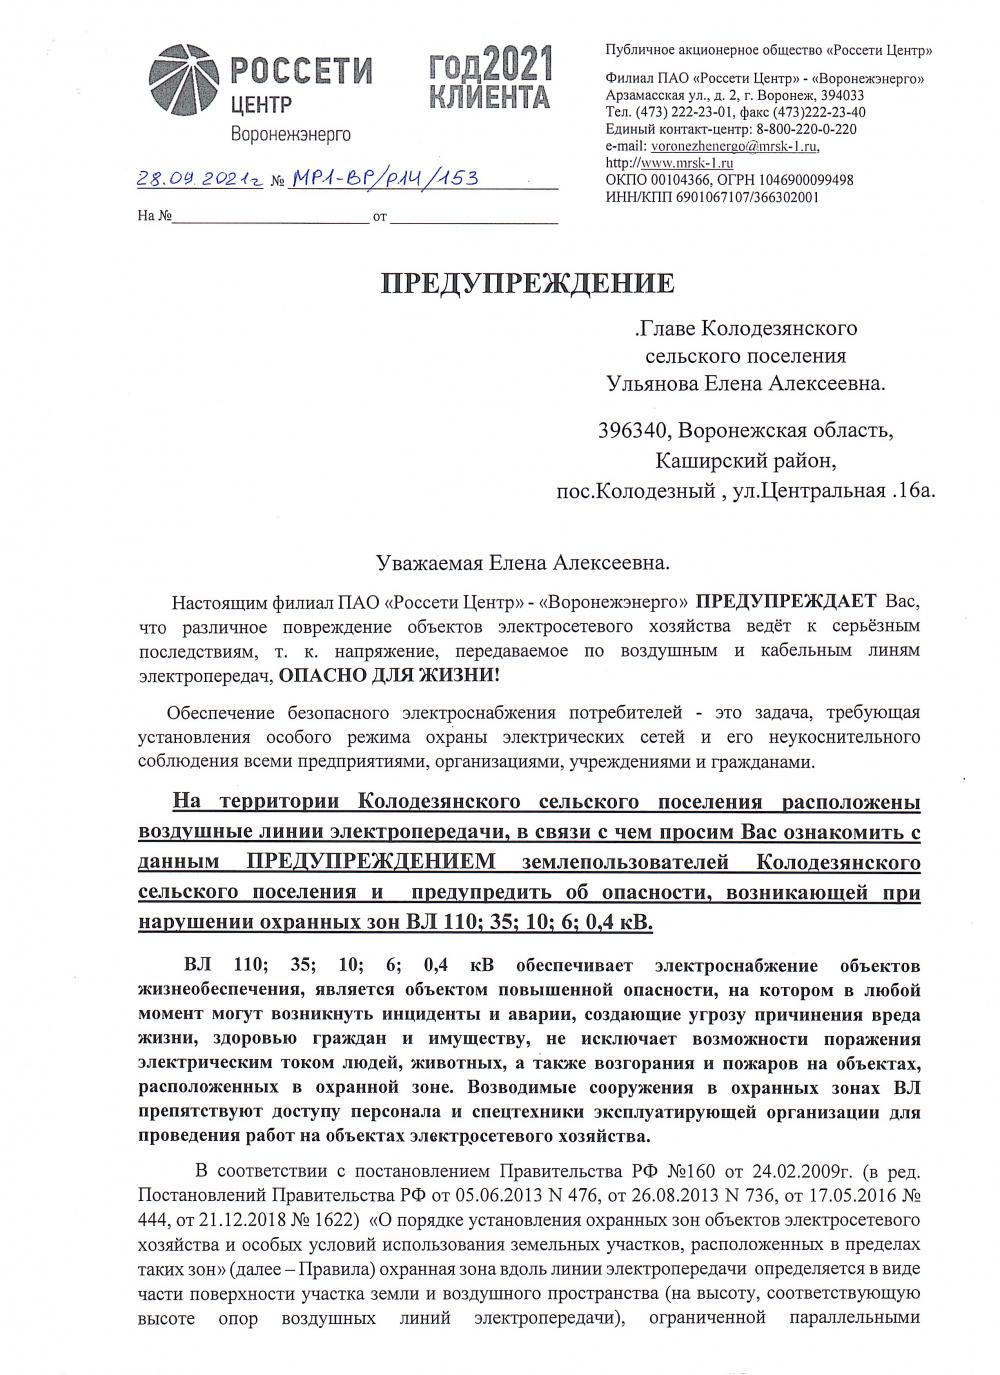 ПРЕДУПРЕЖДЕНИЕ для землепользователей Колодезянского сельского поселения